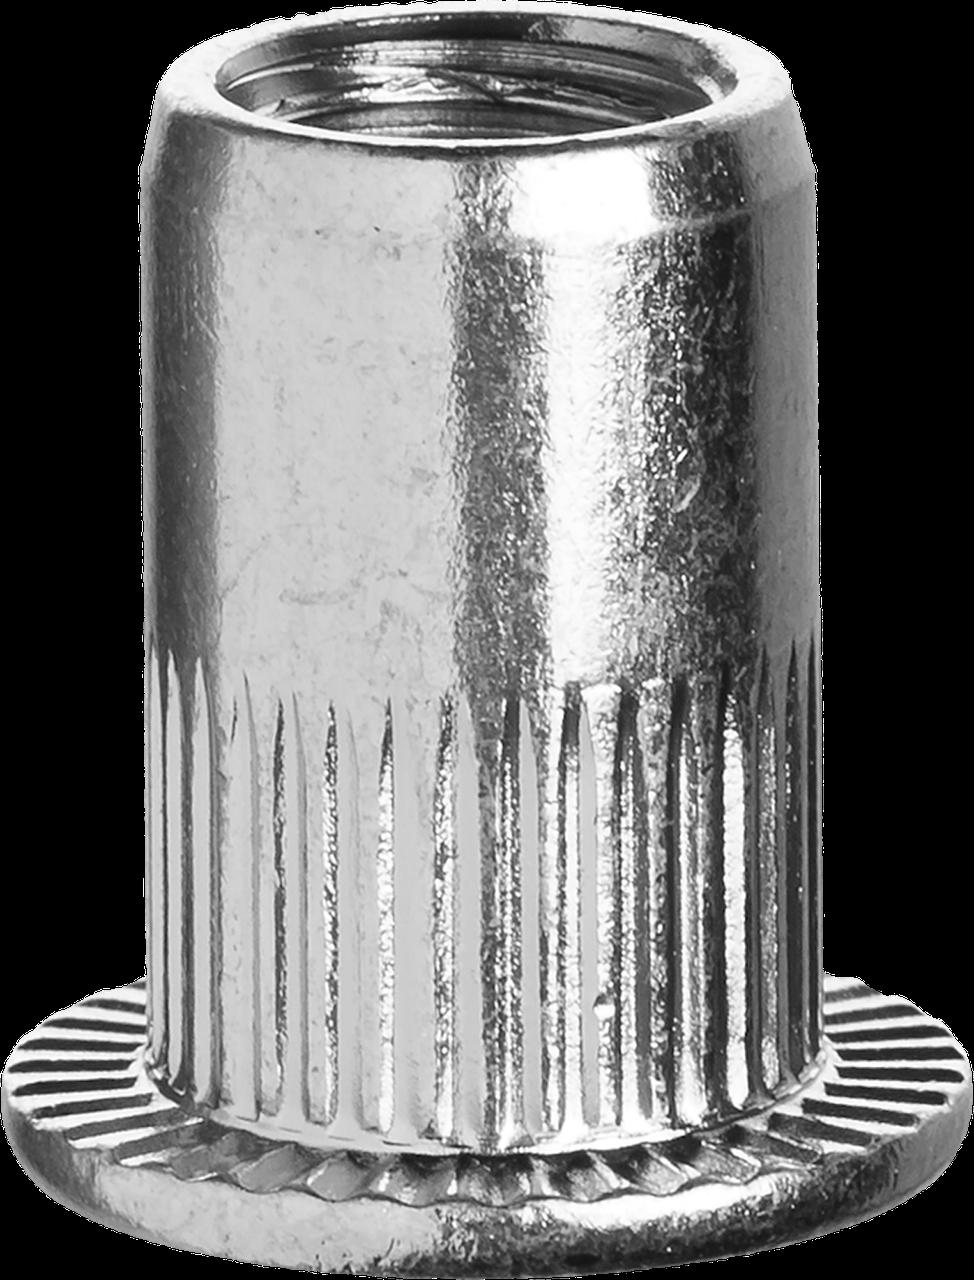 Резьбовые заклепки с насечками, М4, 1000 шт, стальные, стандартный бортик, ЗУБР Профессионал